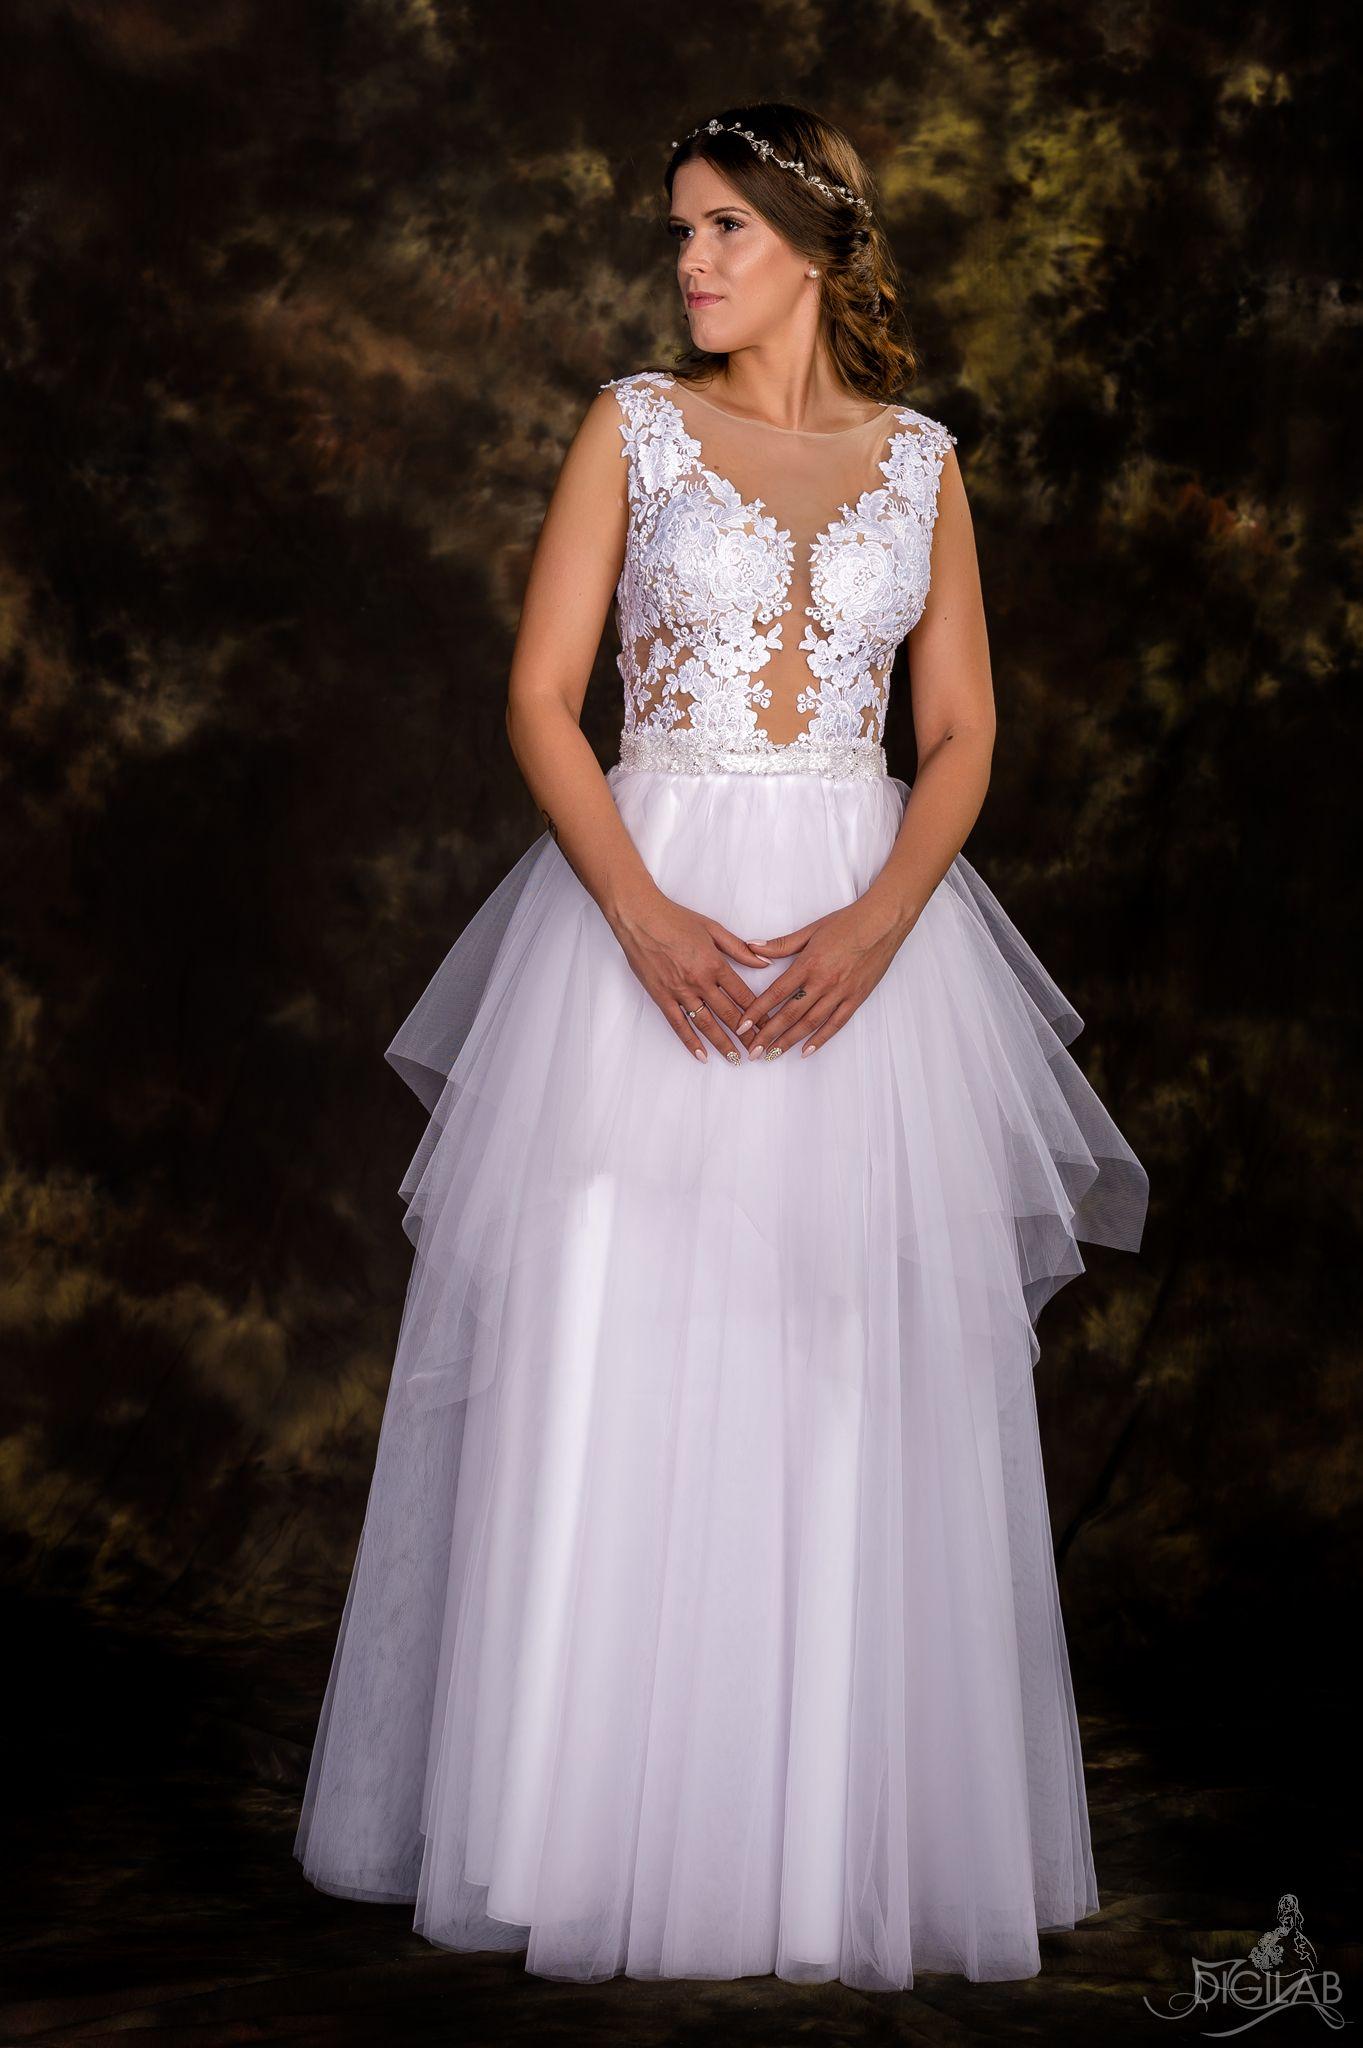 Egyedi tervezésű hófehér menyasszonyi ruha. próbálható a Nefelejcs  ruhaszalonban. 6942e93399